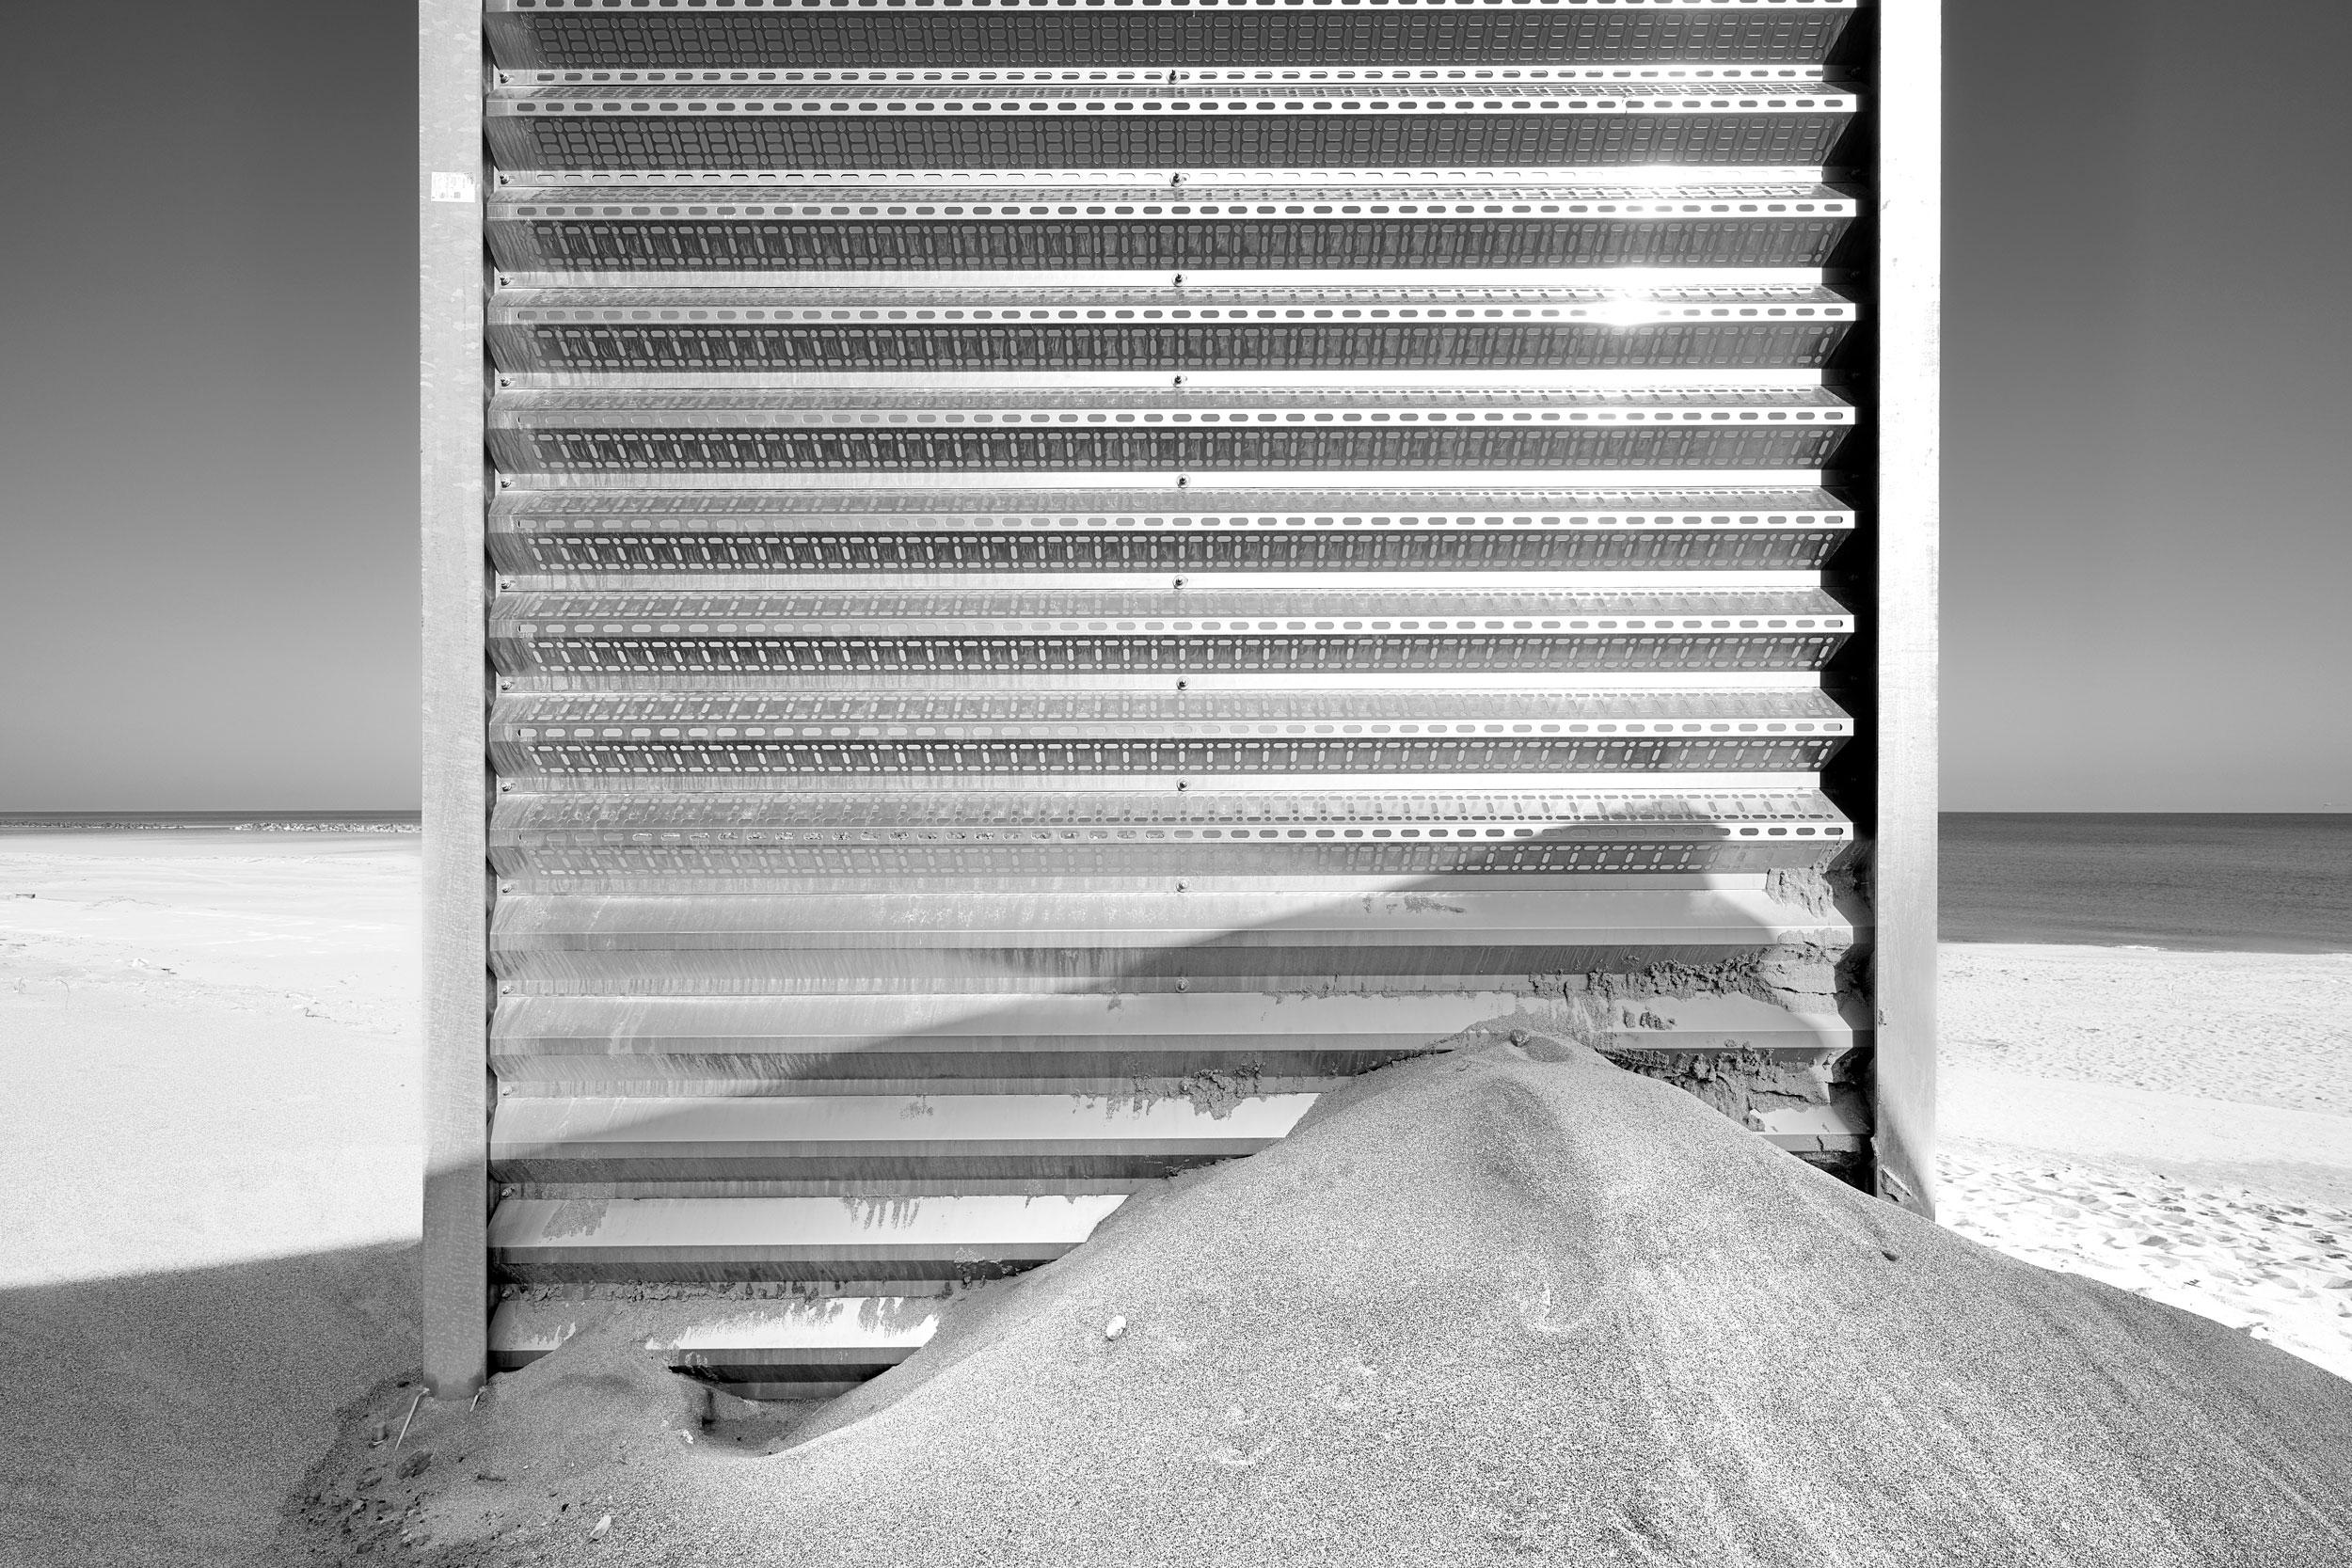 七歳、新潟、砂の記憶 19-005